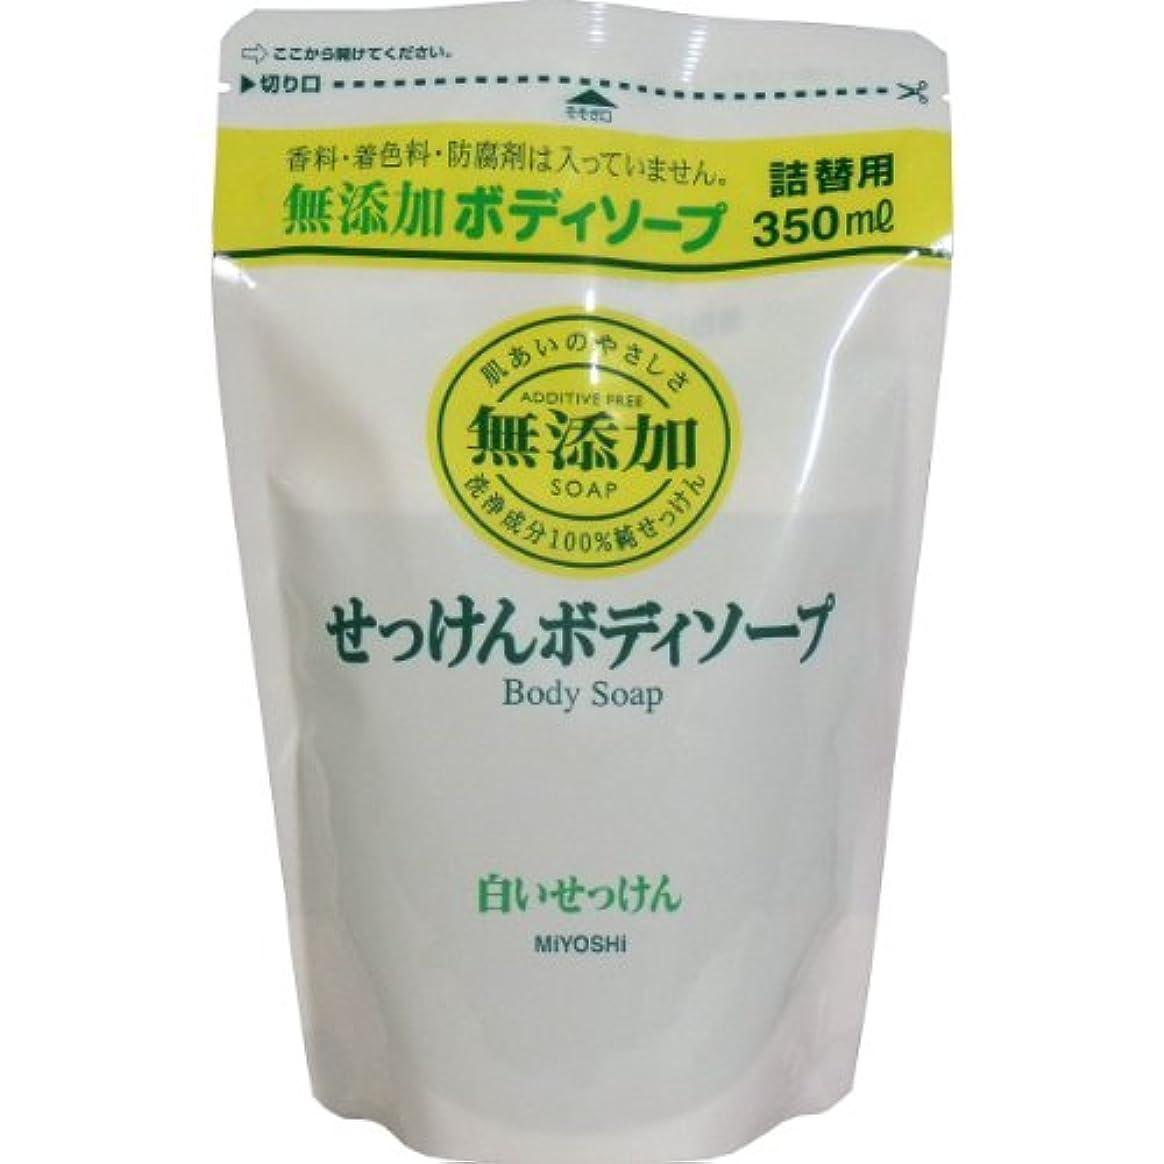 物語好きである貴重なミヨシ 無添加 ボディソープ 白い石けん つめかえ用 350ml(無添加石鹸) x 10個セット